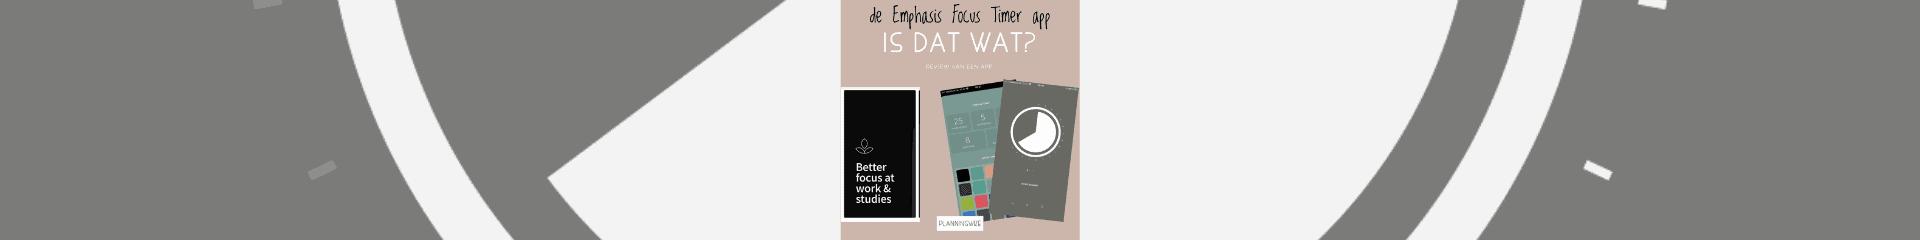 """De """"Emphasis Flow Timer"""", is dat wat?"""